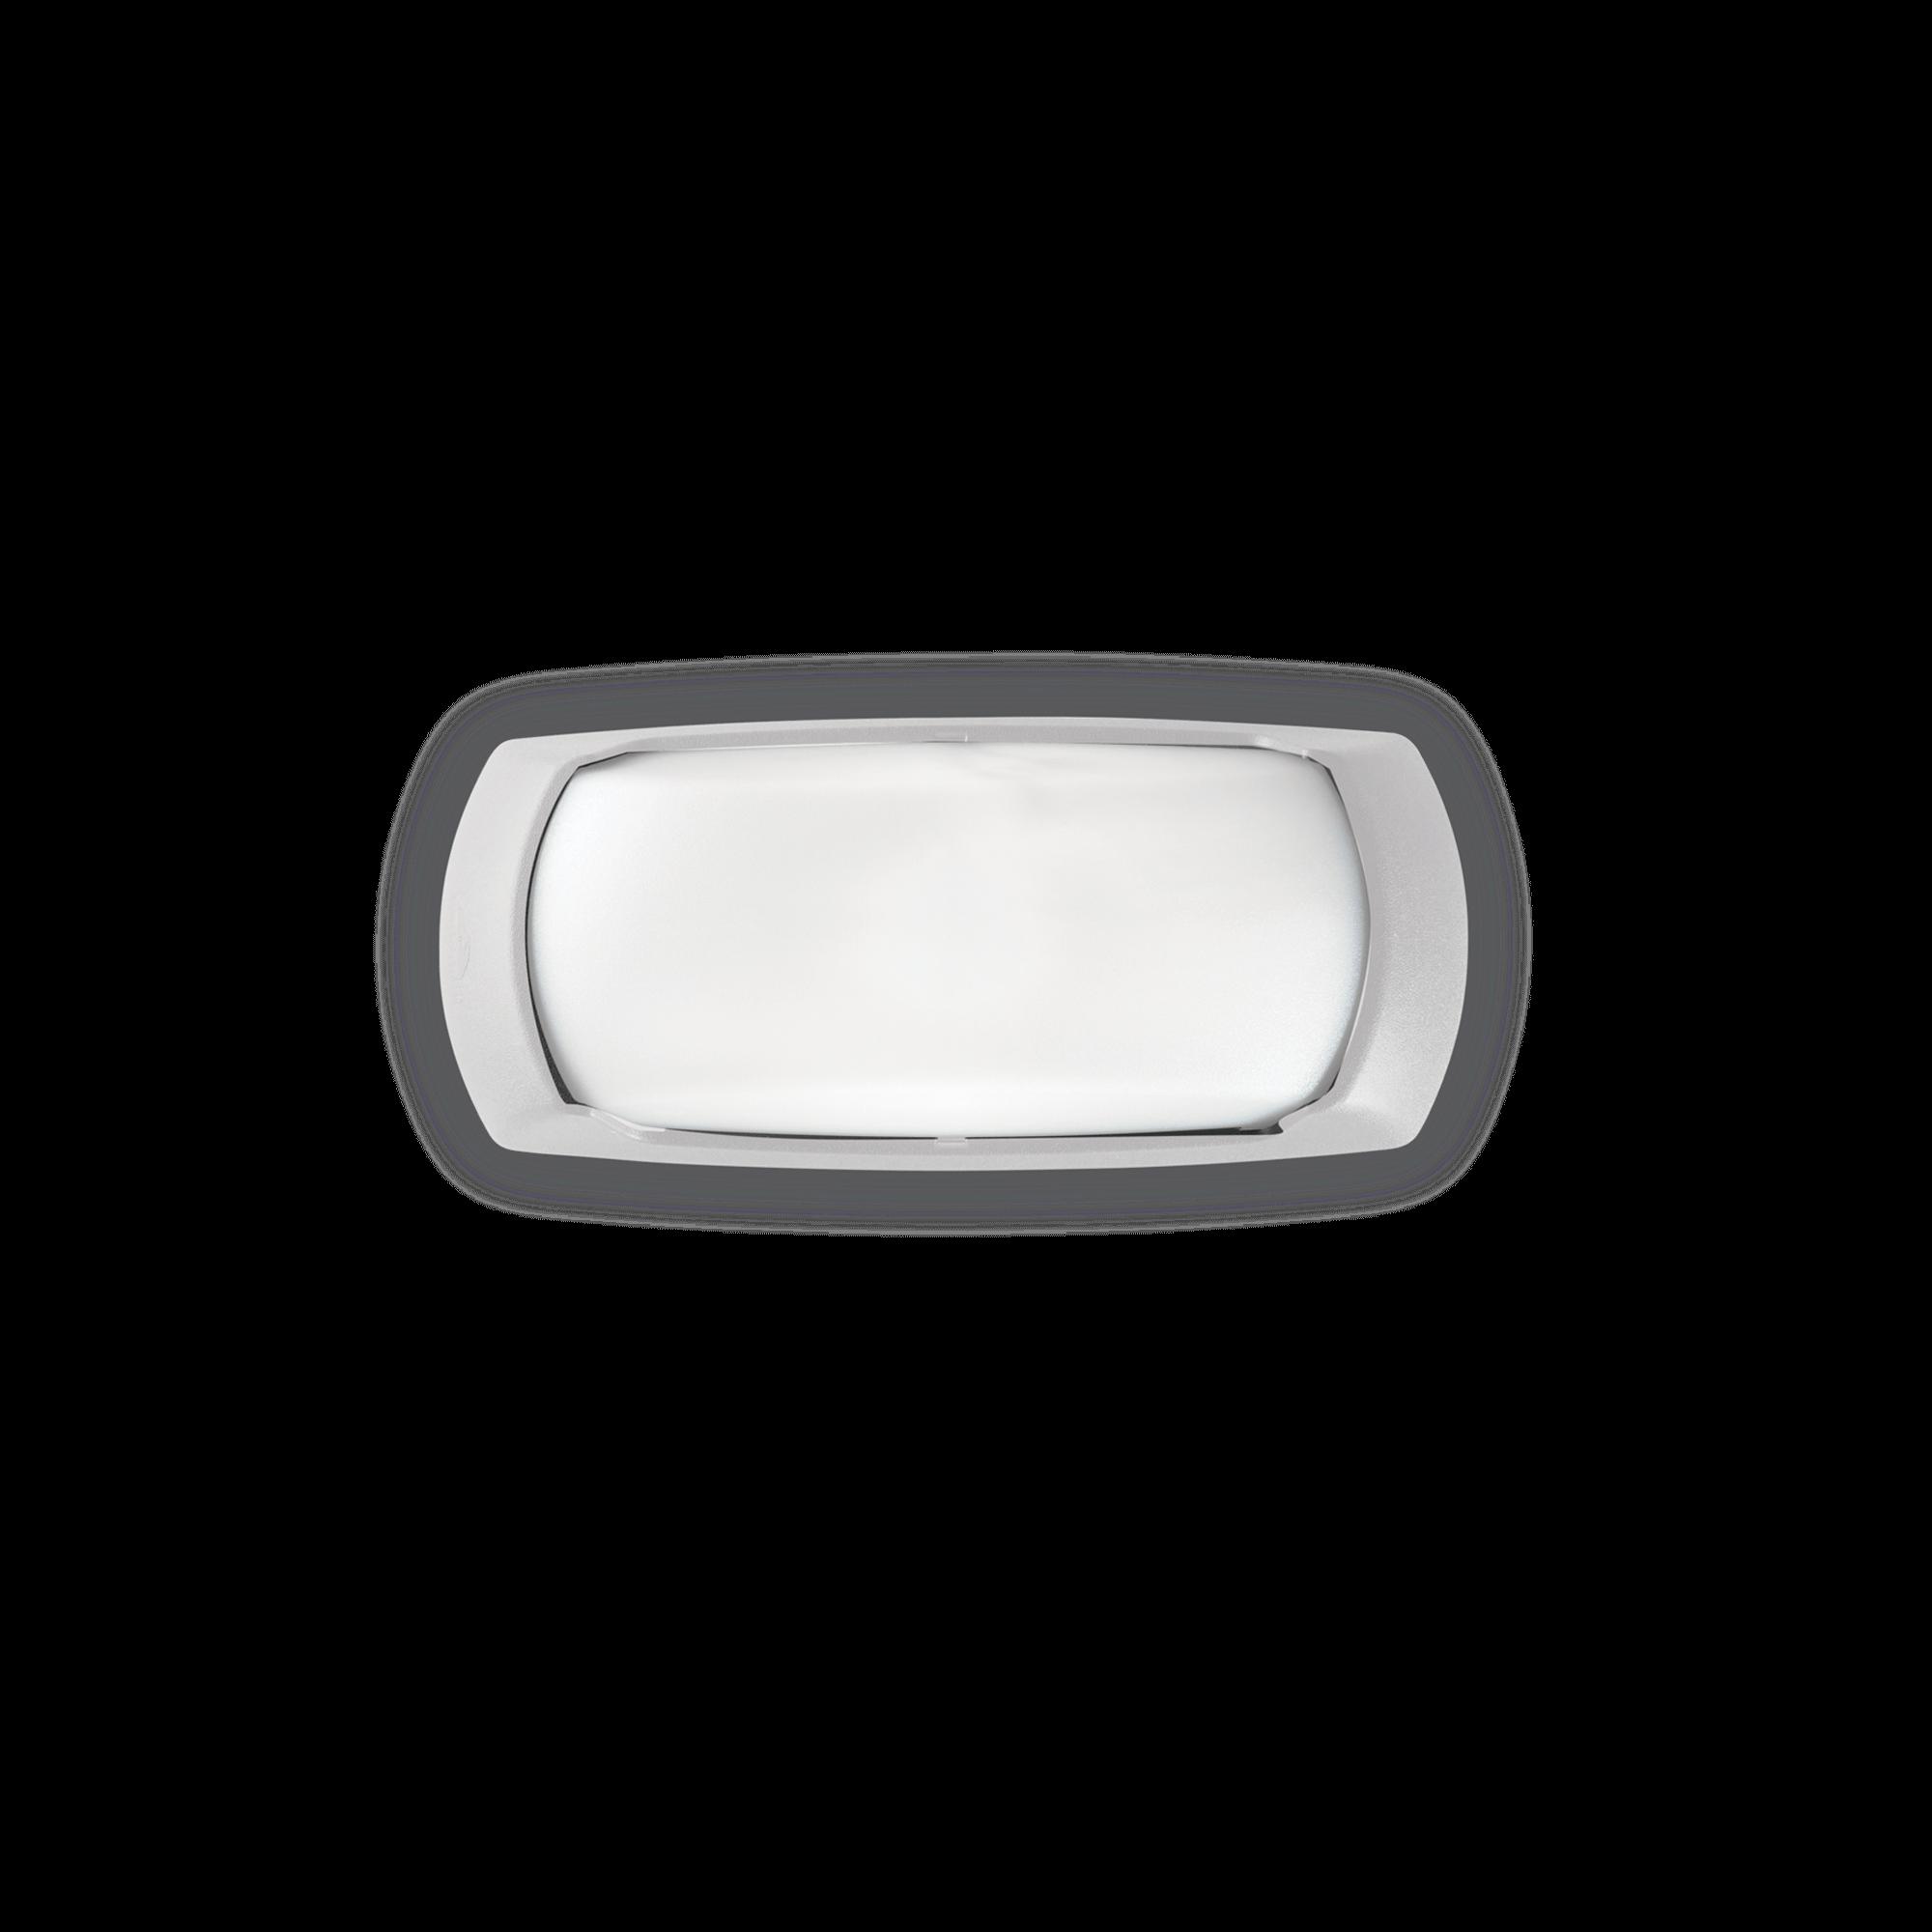 Ideal Lux 123776 Francy-2 AP1 Bianco kültéri falilámpa